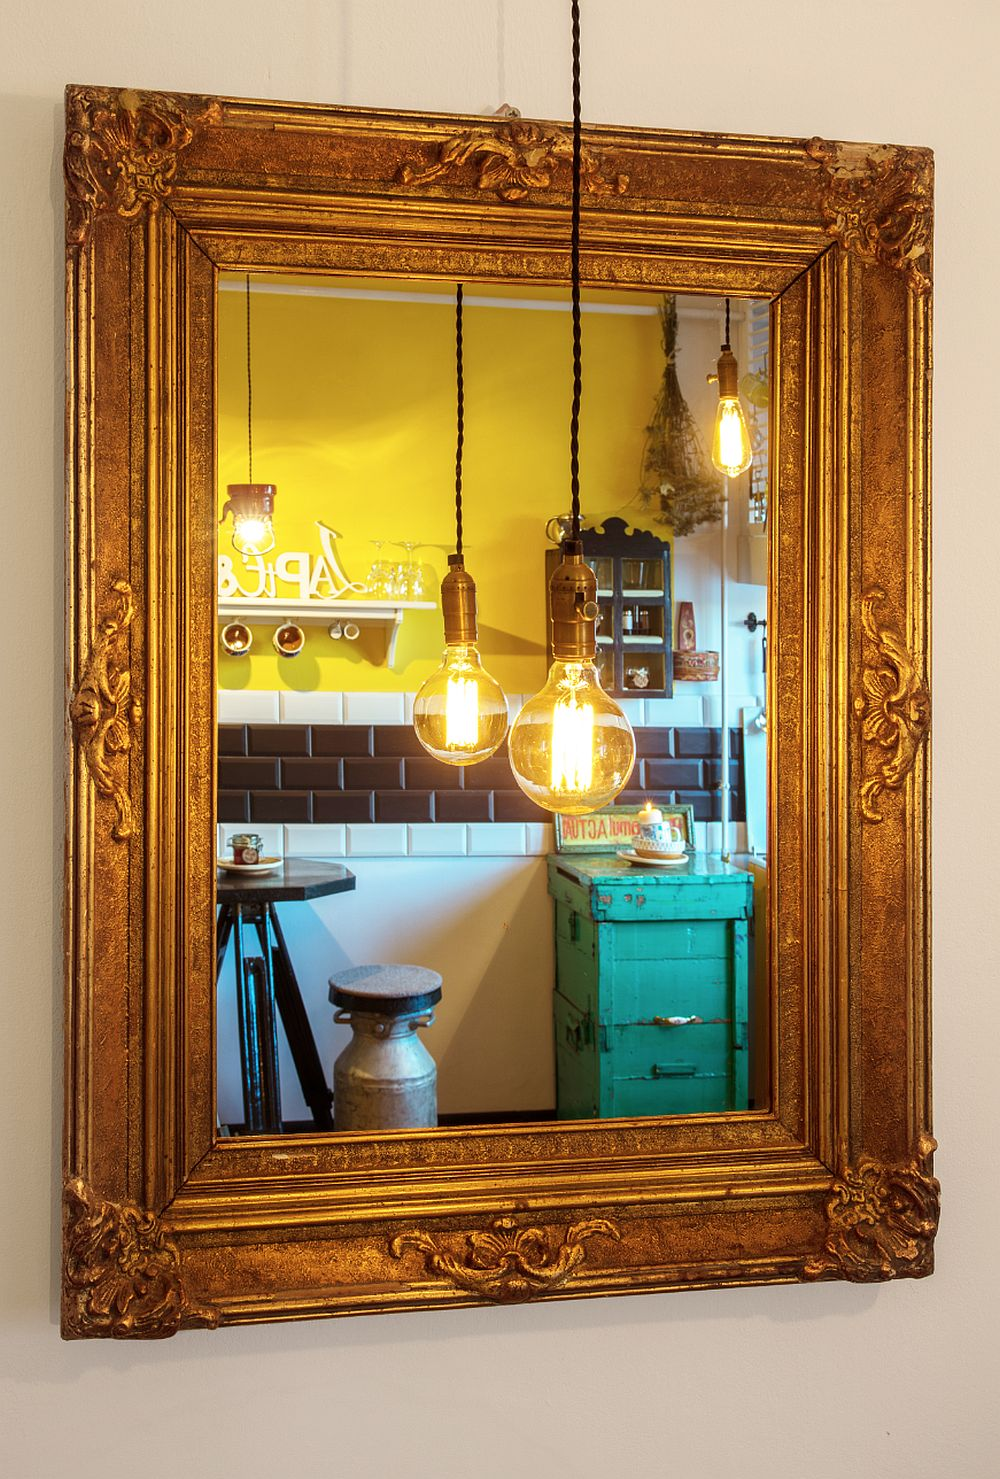 Pe peretele de deasupra canapelei Raluca Bpraru a amplasat o oglindă în fața căreia este o suspensie simplă. În oglindă se reflectă imaginea bucătăriei și a locului de luat masa, dar oglinda are efectul de a creea iluzia unei ferestre mici, lumina becului din fața ei fiind amplificată.